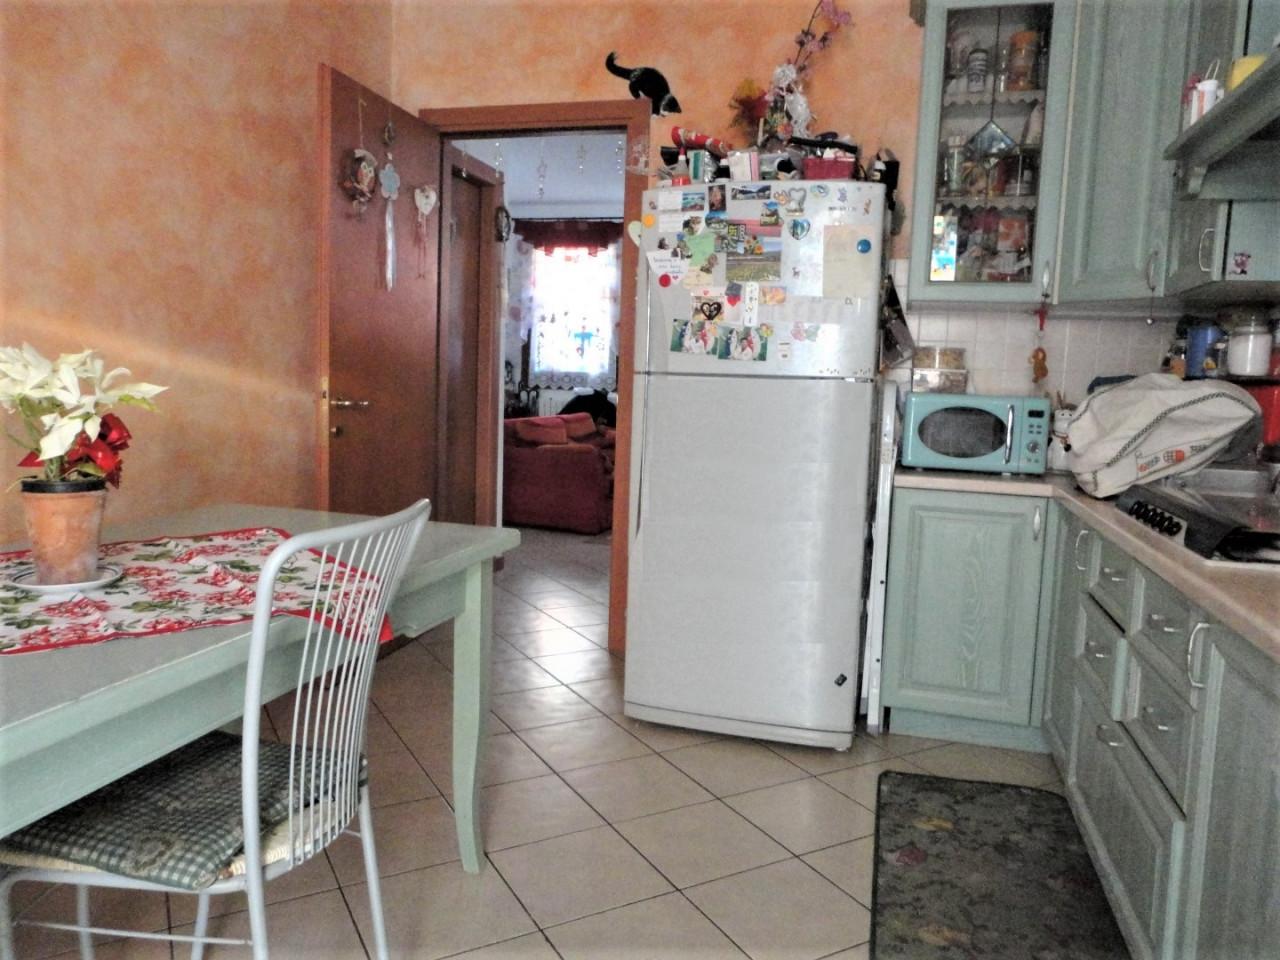 D292 Porzione di Bifamiliare con giardino in vendita a Fossona https://media.gestionaleimmobiliare.it/foto/annunci/200201/2139248/1280x1280/006__dsc04776__large.jpg